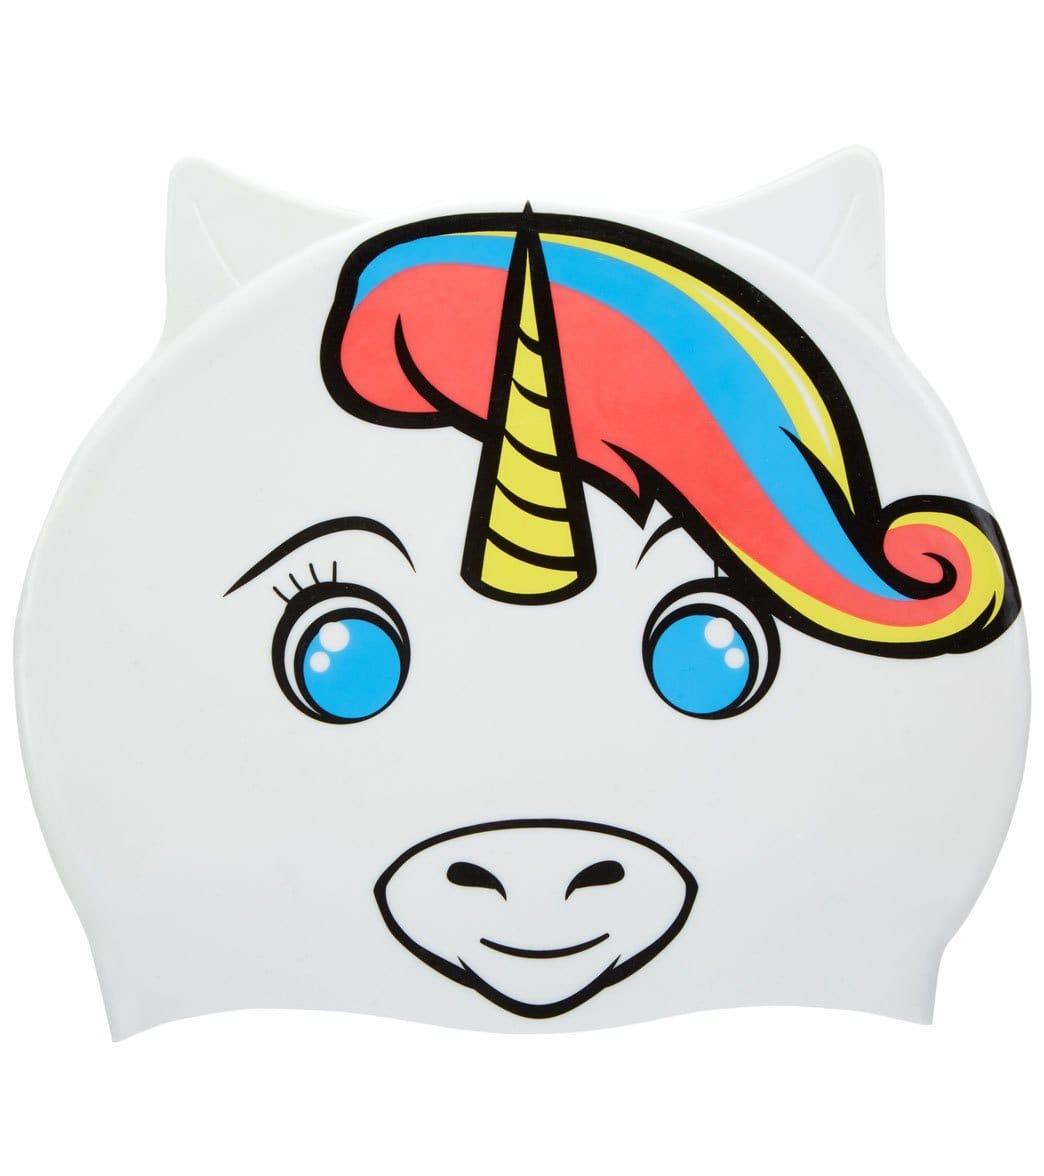 e5ffbba1a4 Sporti Cartoon Rainbow Unicorn Silicone Swim Cap Jr. at SwimOutlet.com